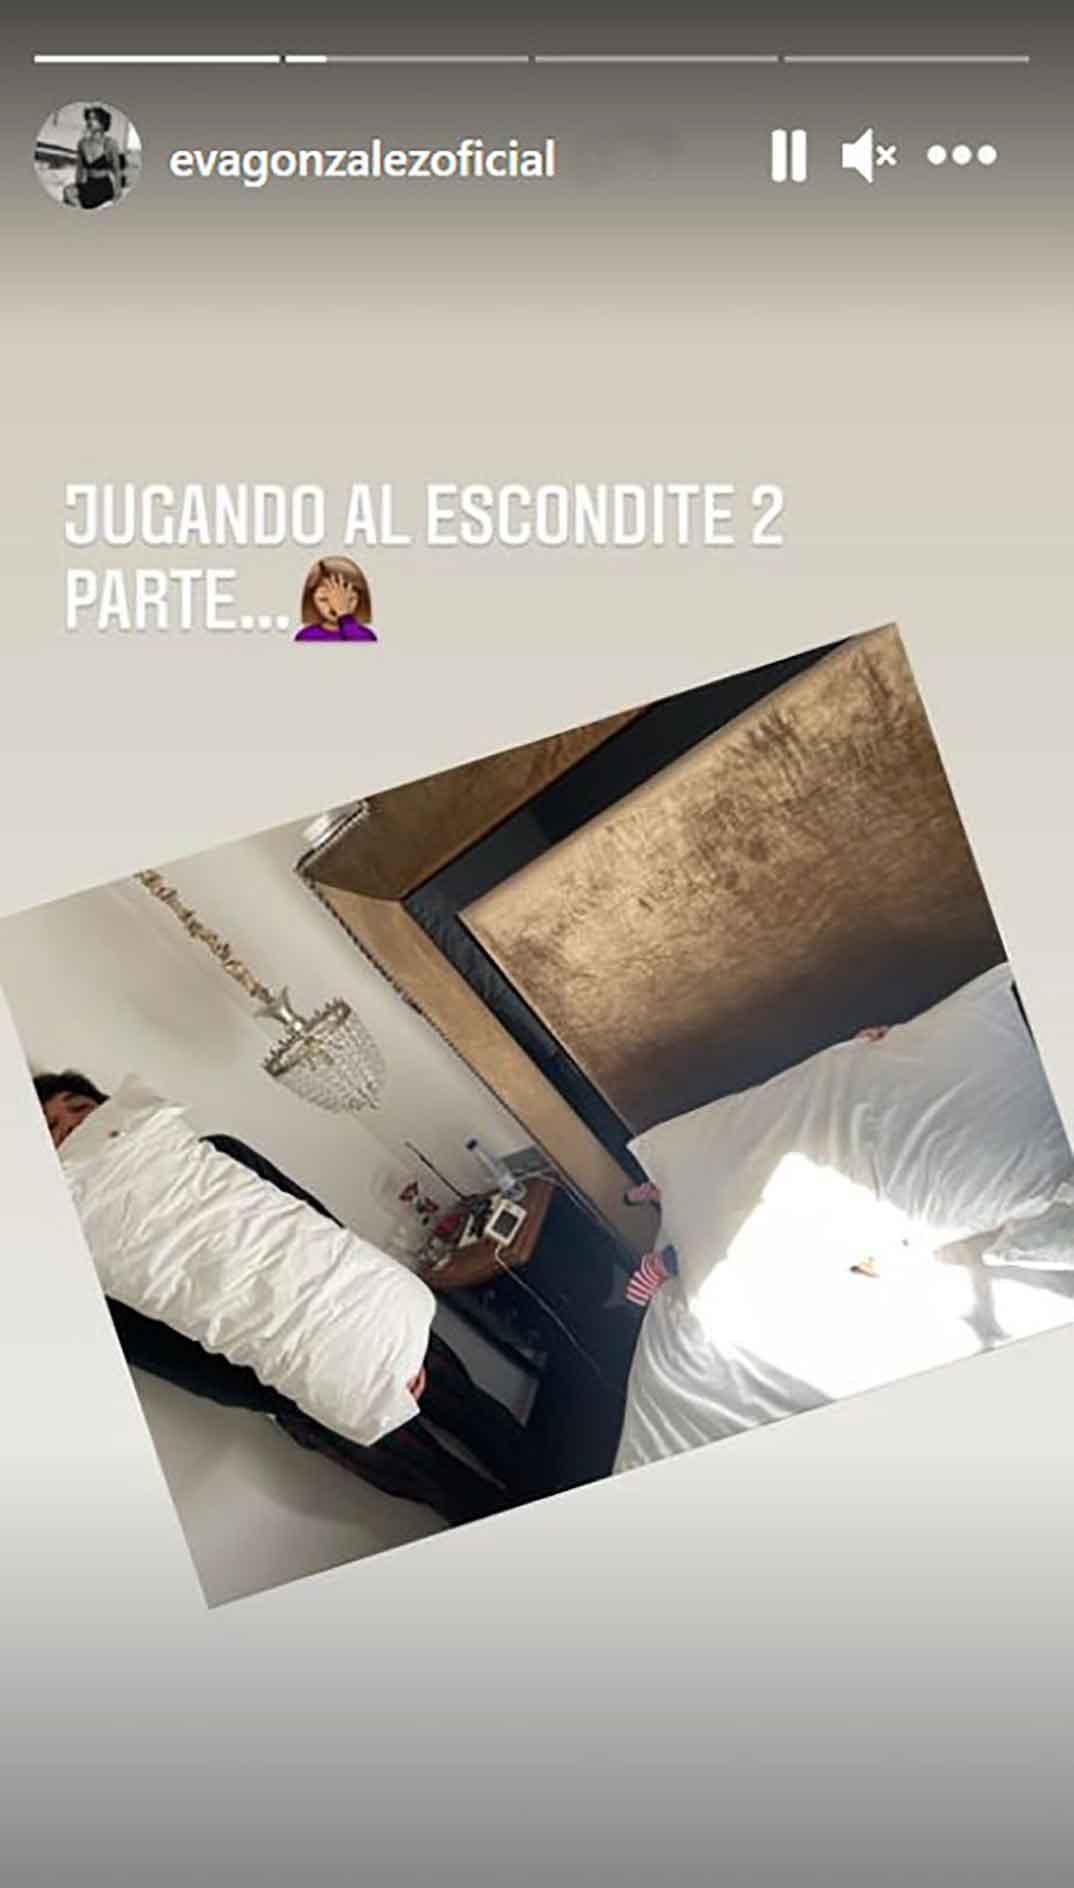 Eva Gonzalez © Stories/Instagram